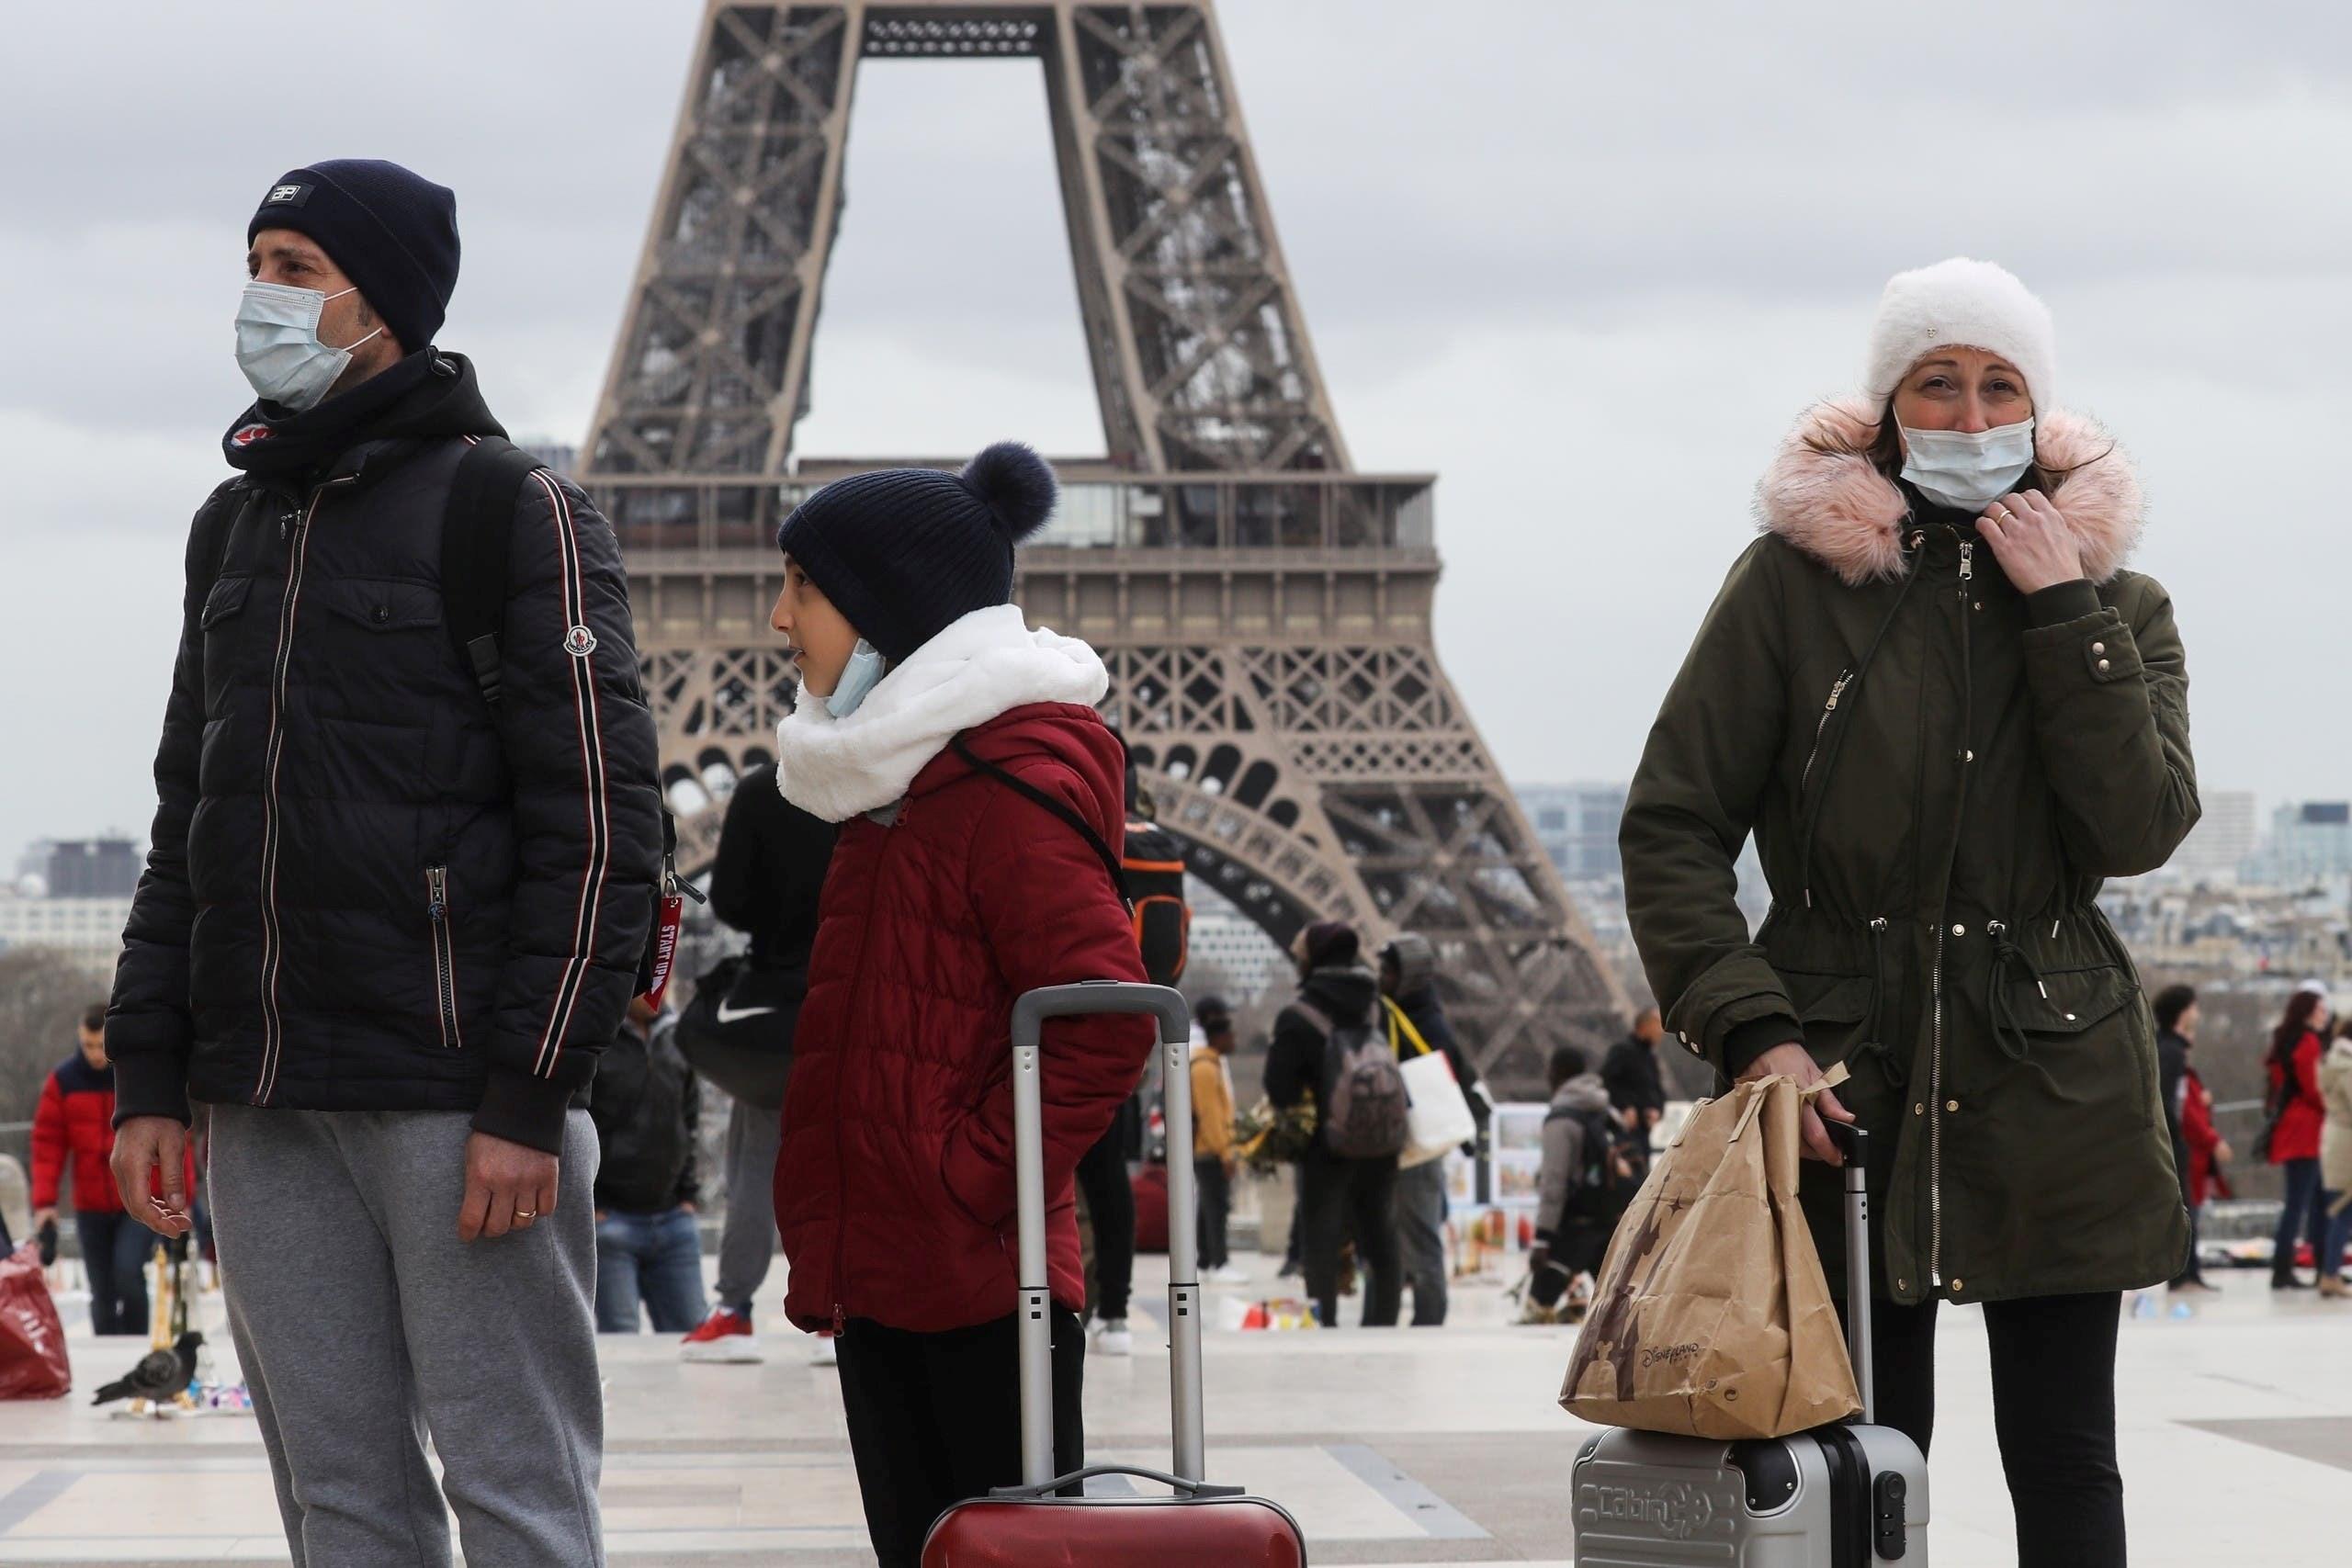 عدد المصابين بكورونا يتجاوز 740 ألفاً حول العالم.. معظمهم في أوروبا